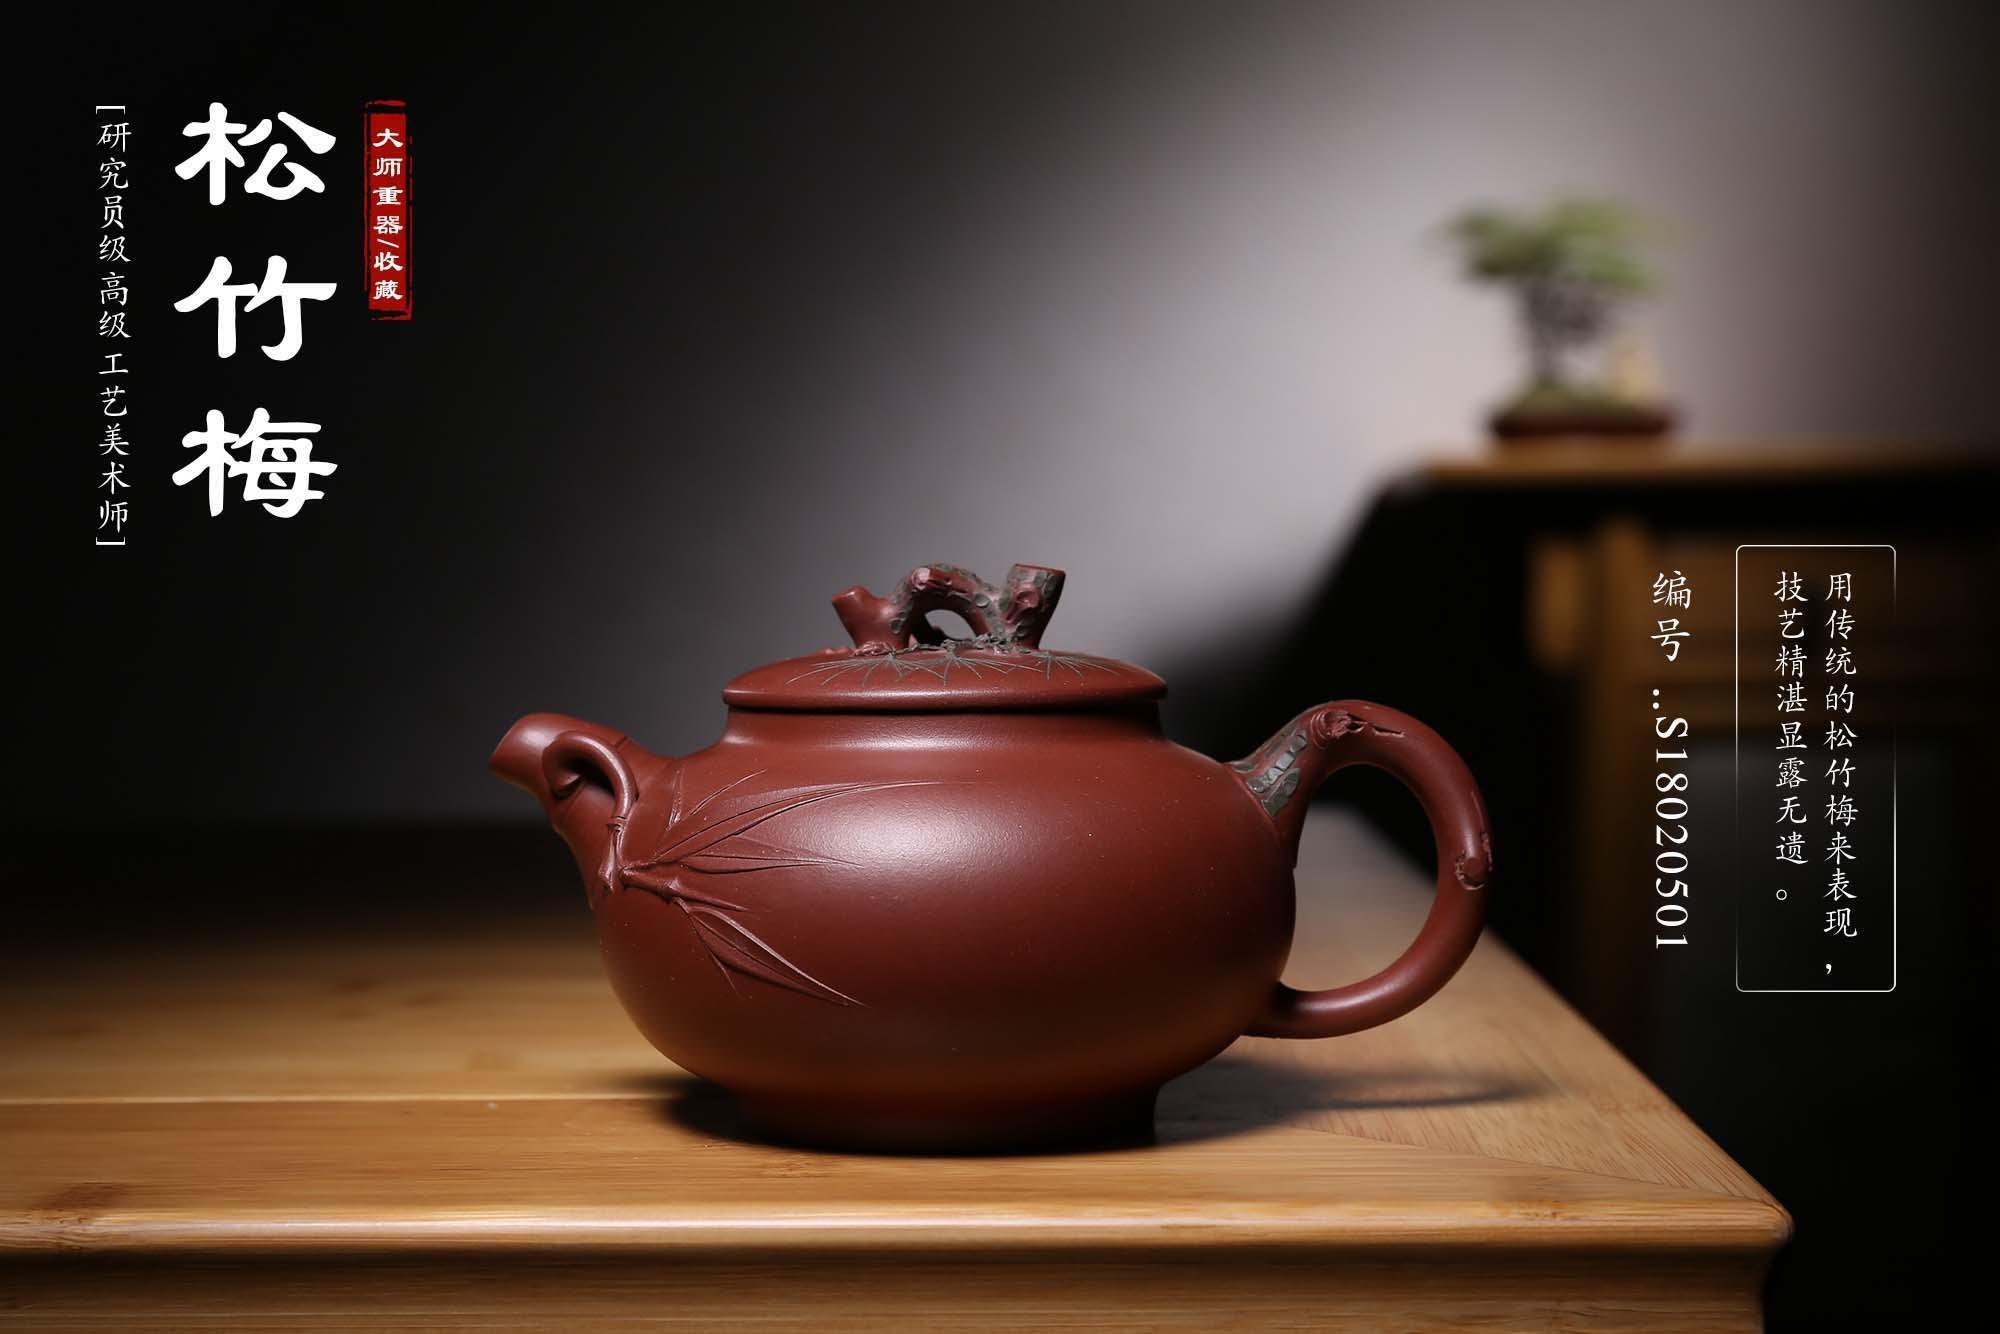 宜兴紫砂壶-松竹梅壶-趣淘壶